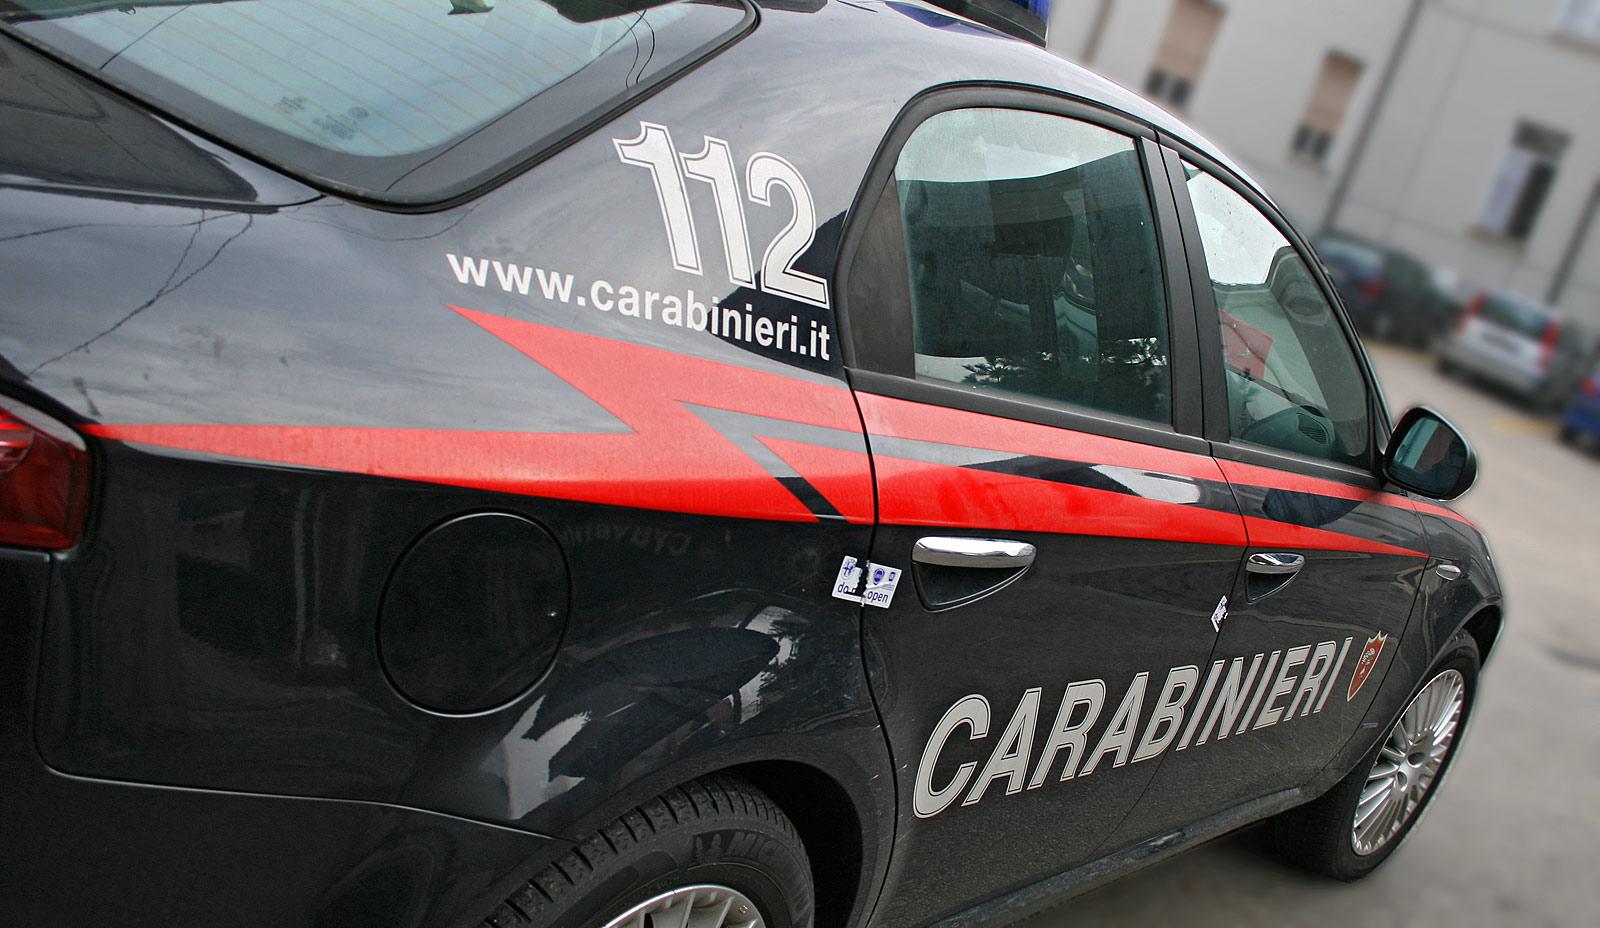 carabinieri gazzella 1